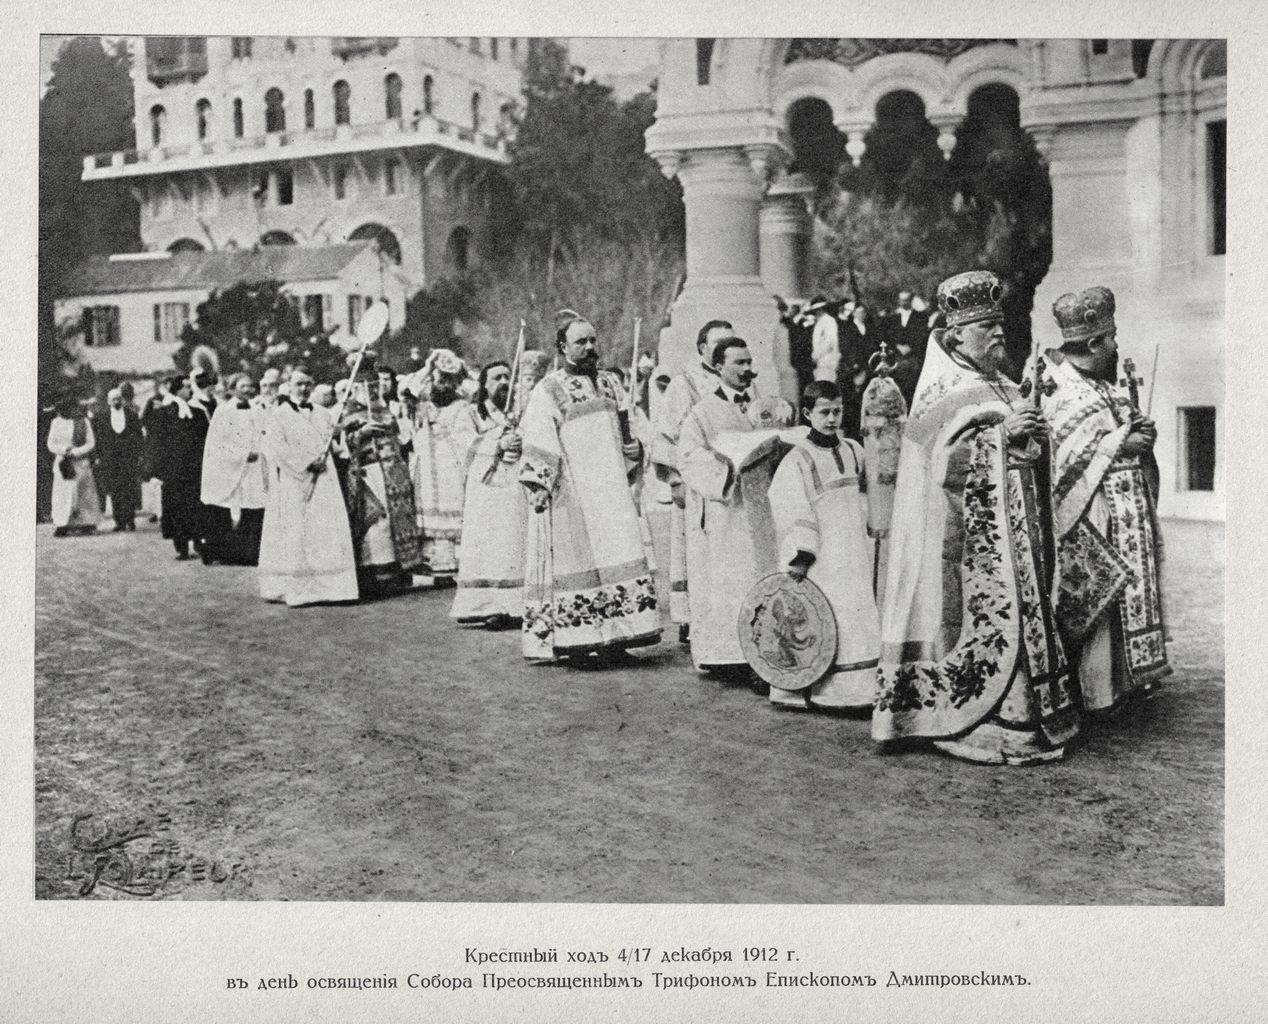 10. Крестный ход 4 декабря 1912 в день освящения Собора Преосвященным Трифоном, епископом Дмитровским